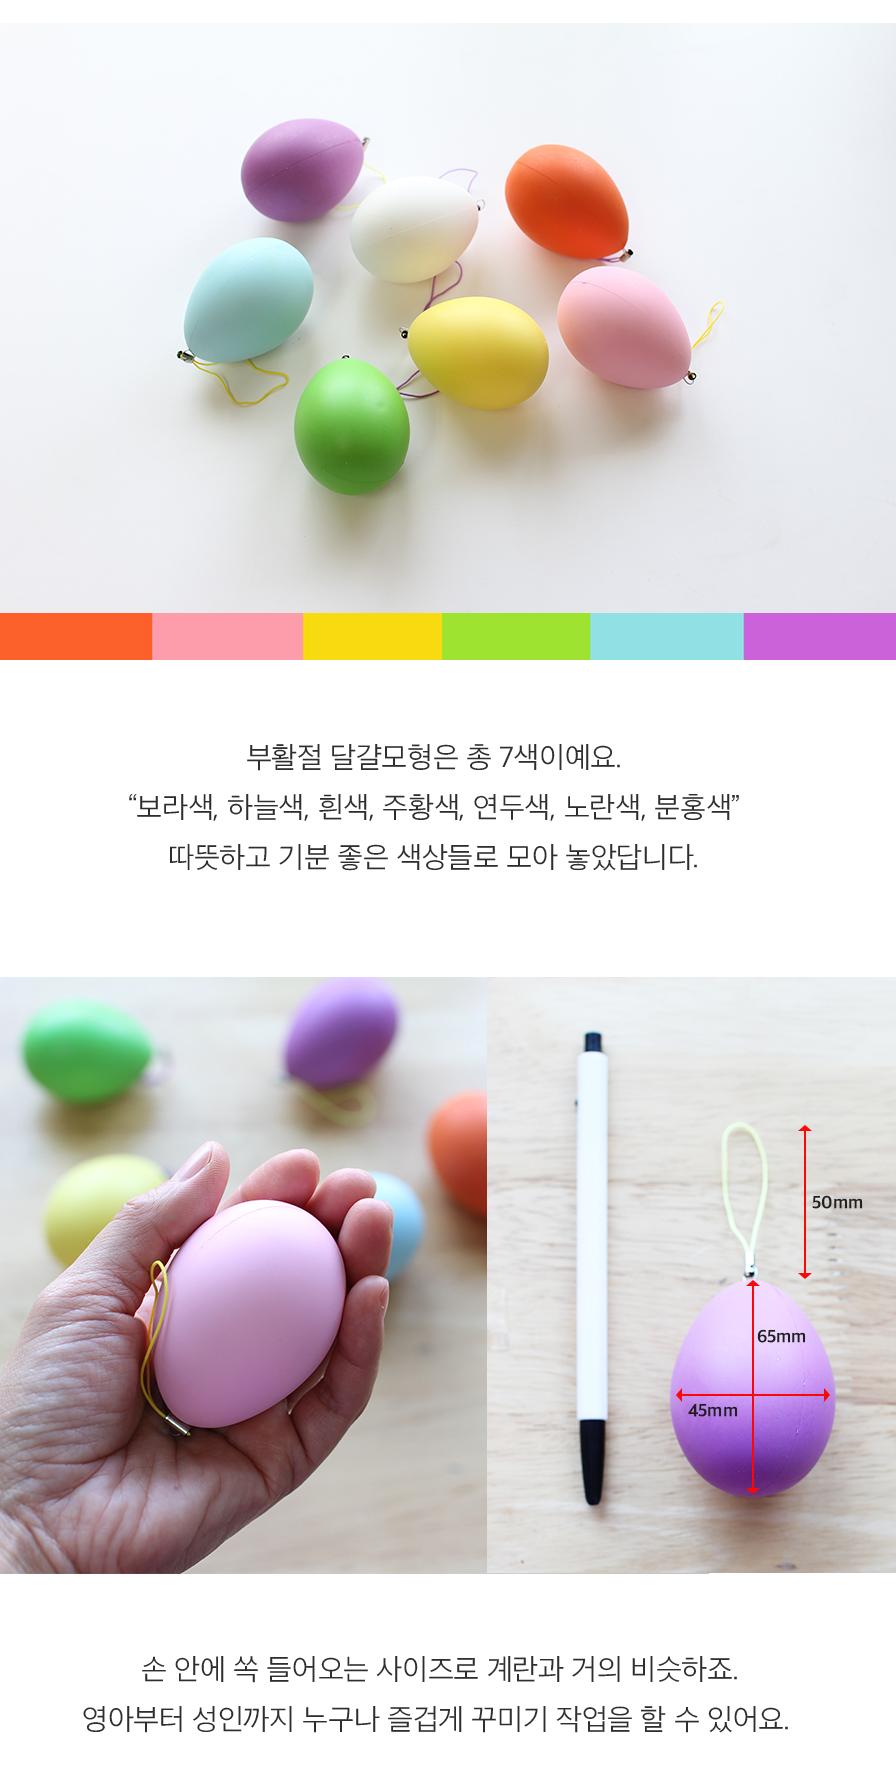 부활절 교회장식 달걀모형 20개 1세트 (7색) 따뜻하고 기분좋은 7가지 색상으로 구성되어 있으며 손 안에 쏙 들어오는 계란과 비슷한 사이즈예요